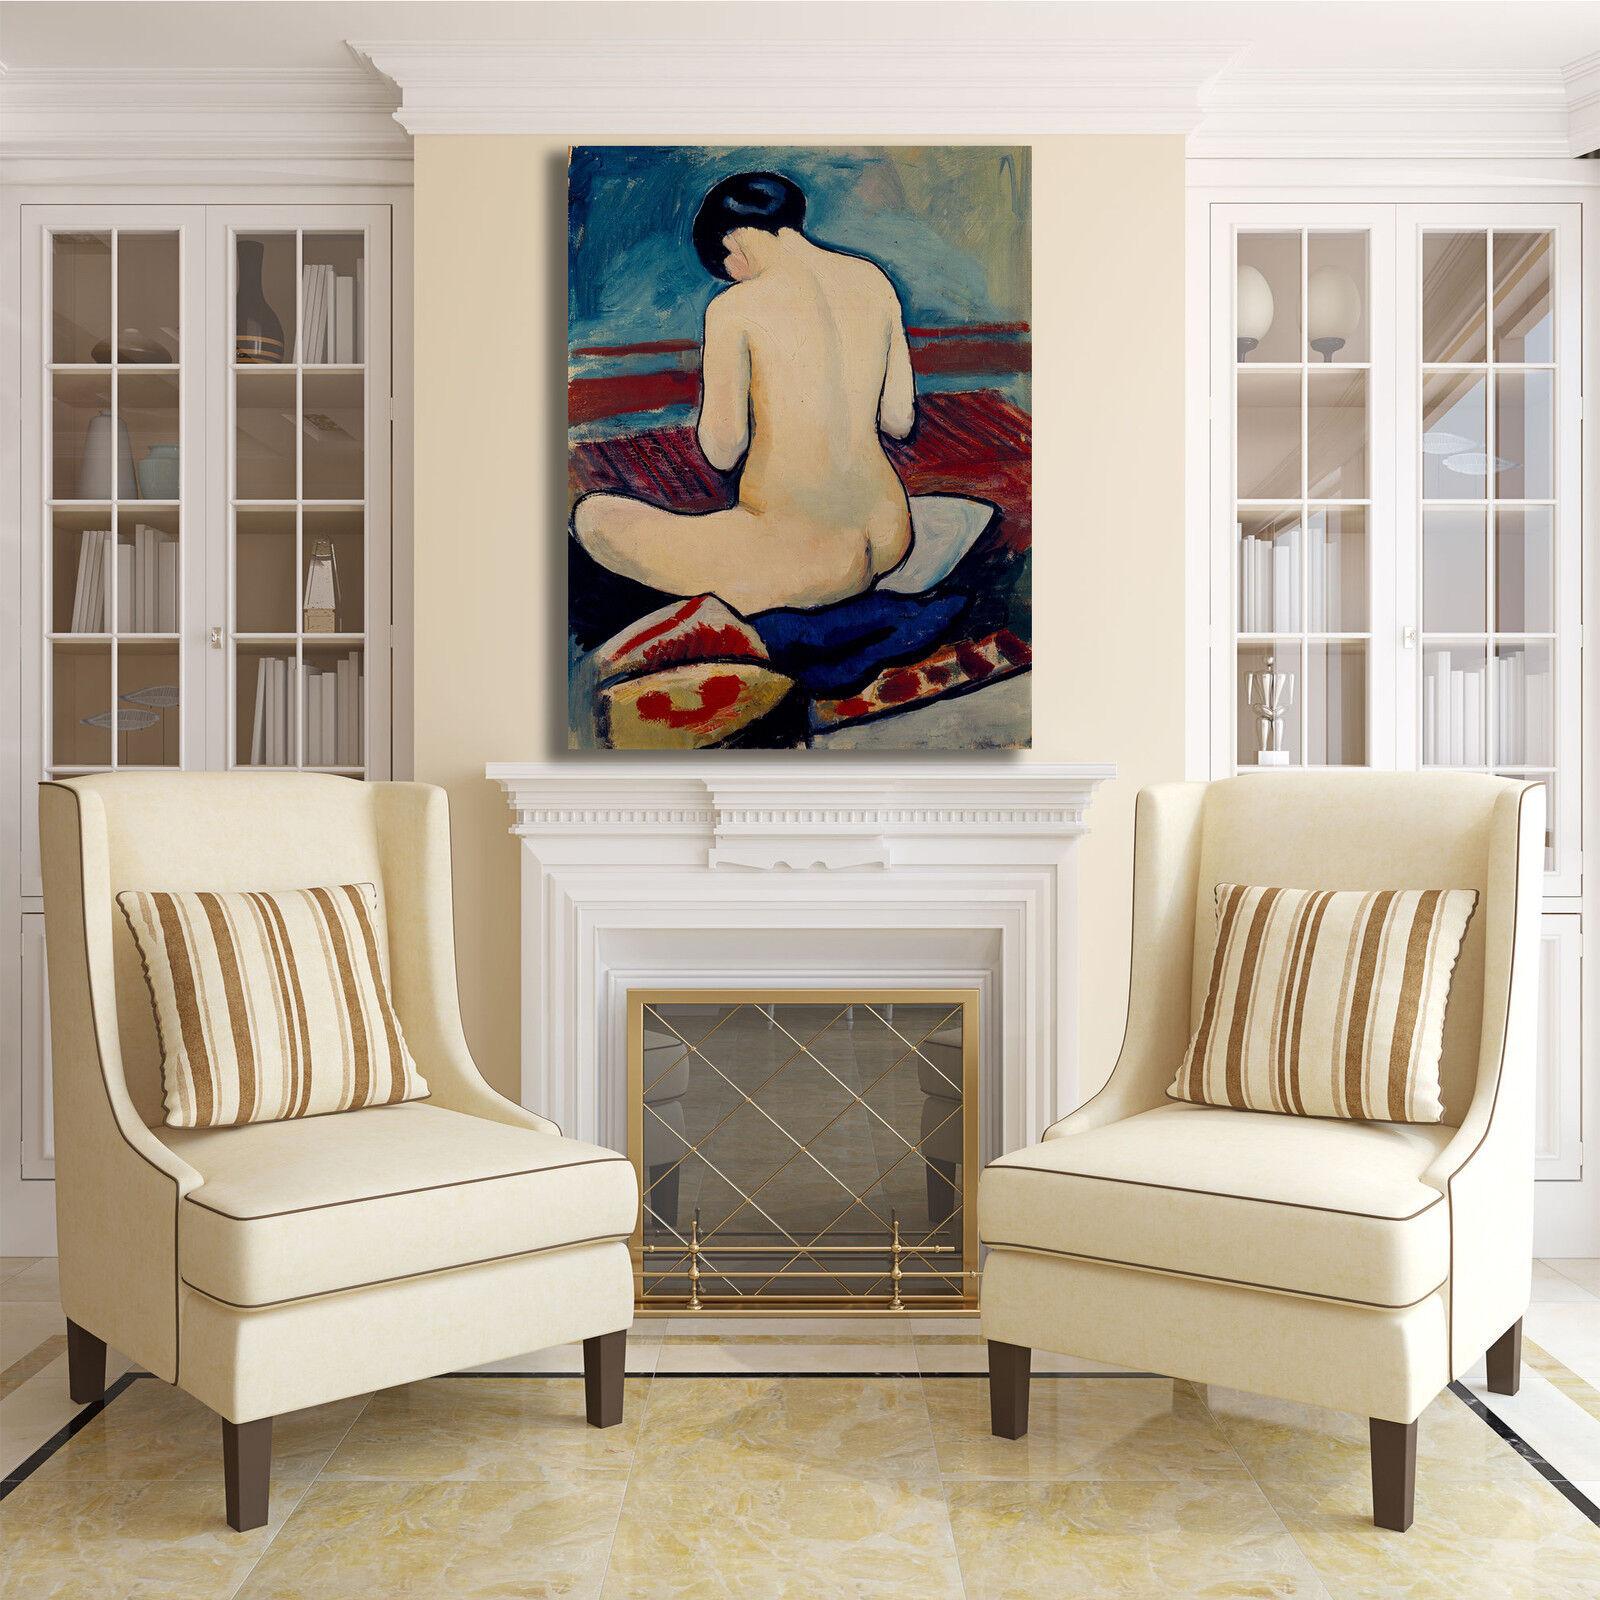 Macke seduto quadro nudo con cuscino quadro seduto stampa tela dipinto telaio arRouge o casa a046d0